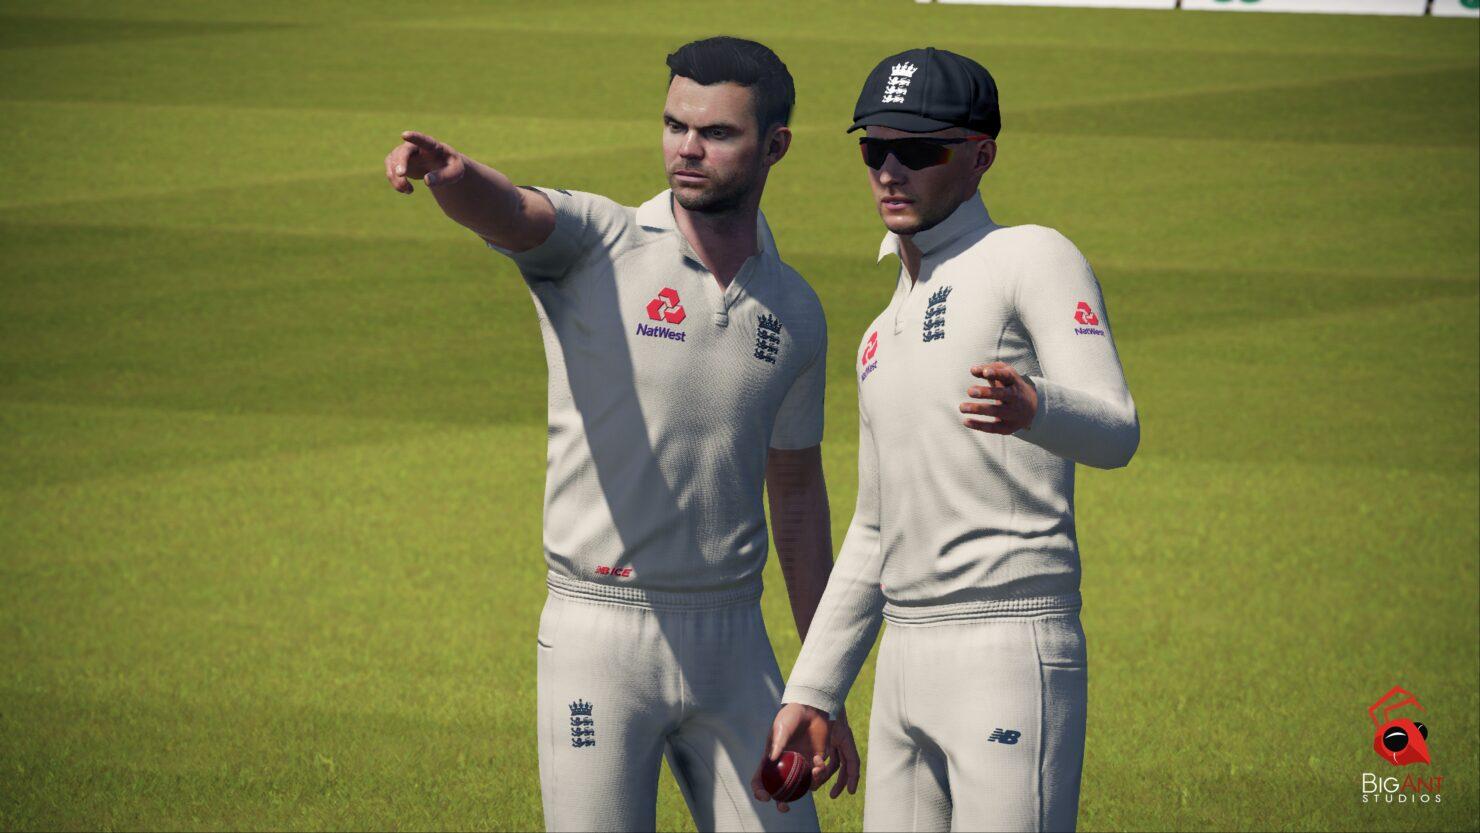 cricket-19-announced-screenshot-05